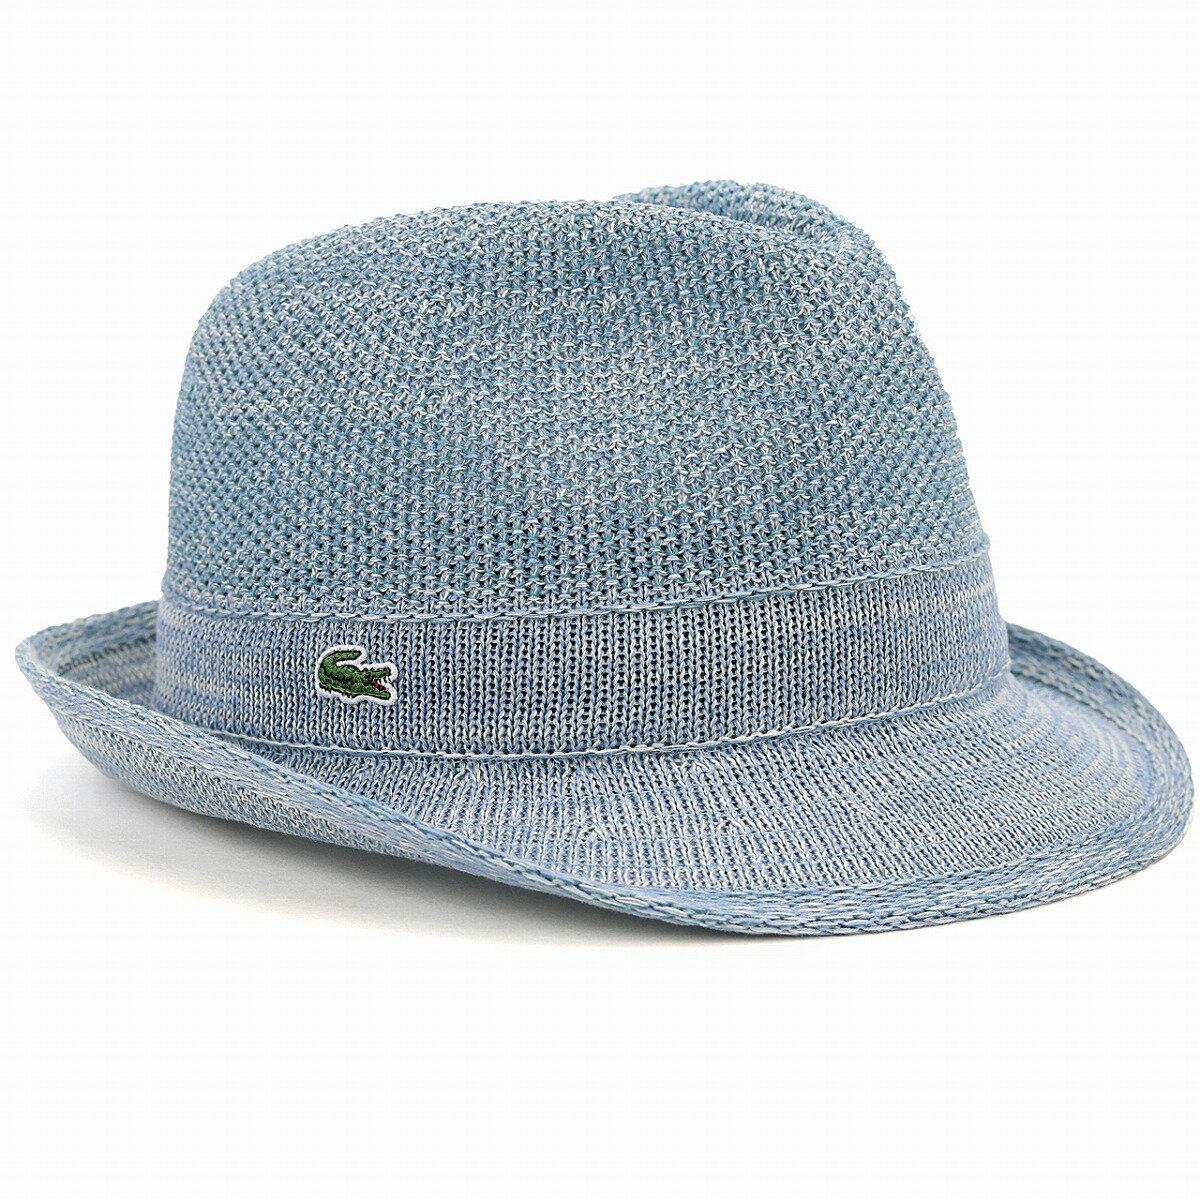 Borsalino 春夏 中折れ帽子 マニッシュ 夏用 中折れハット ブラック ボルサリーノ 黒 帽子